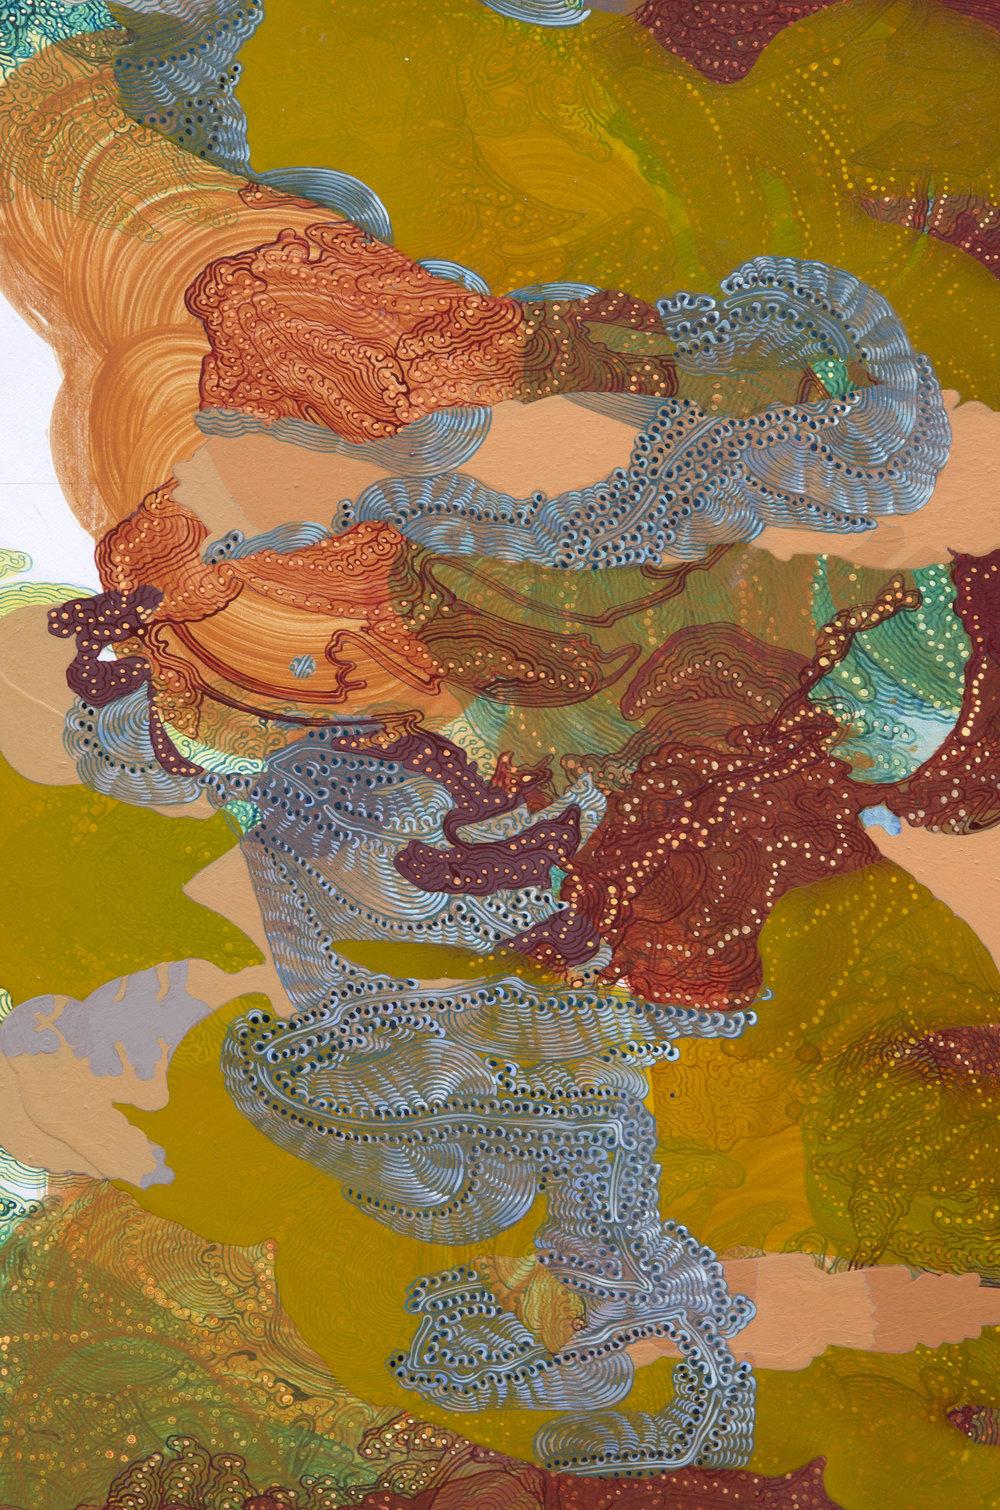 Mycota(detail).jpg